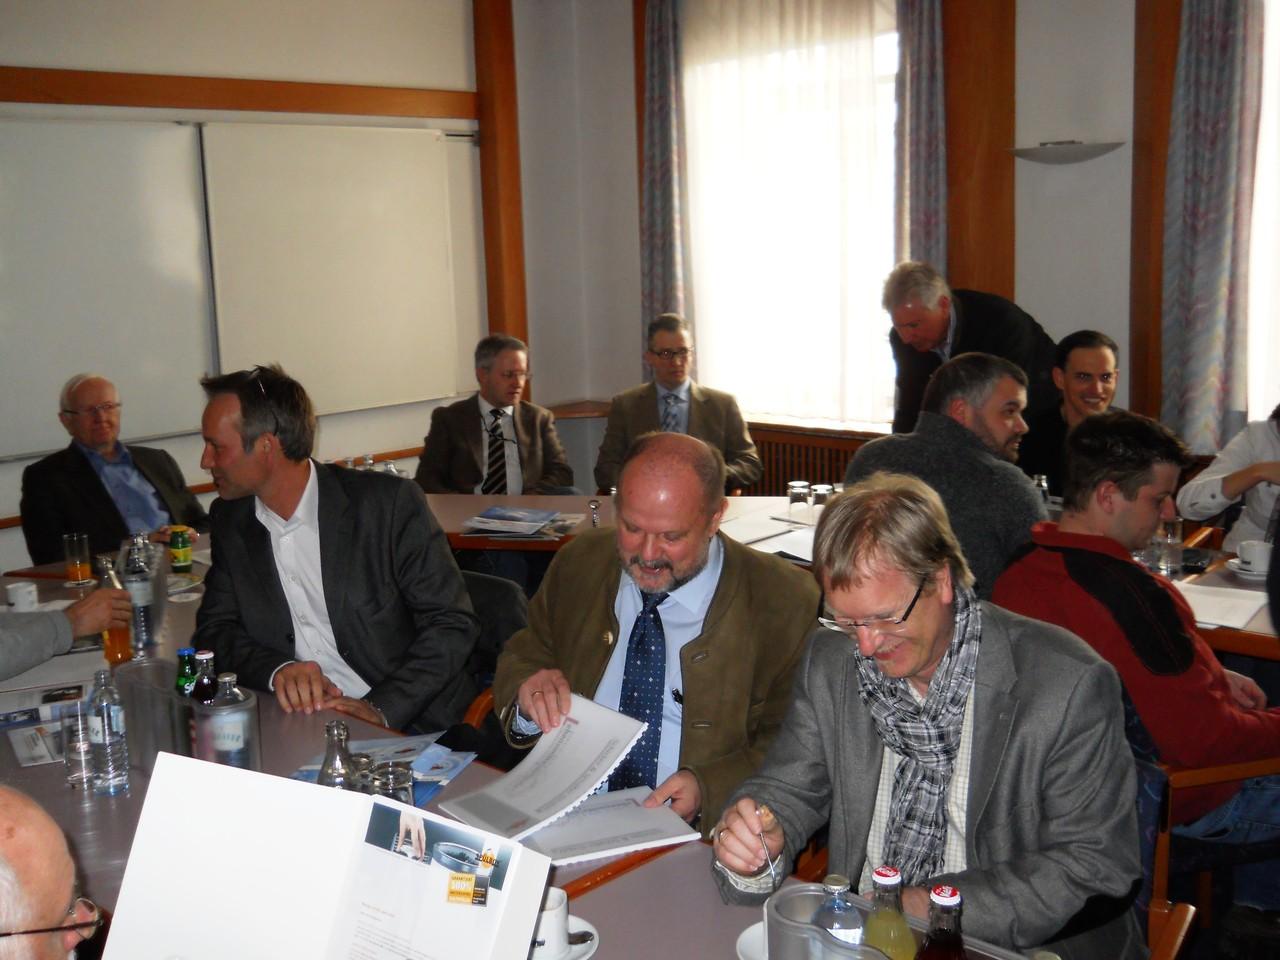 """Vertreter der Firma """"Eurocon - projects & more"""" im Gespräch mit Koll. Waltenberger/OÖ. Landeszentrale Linz"""